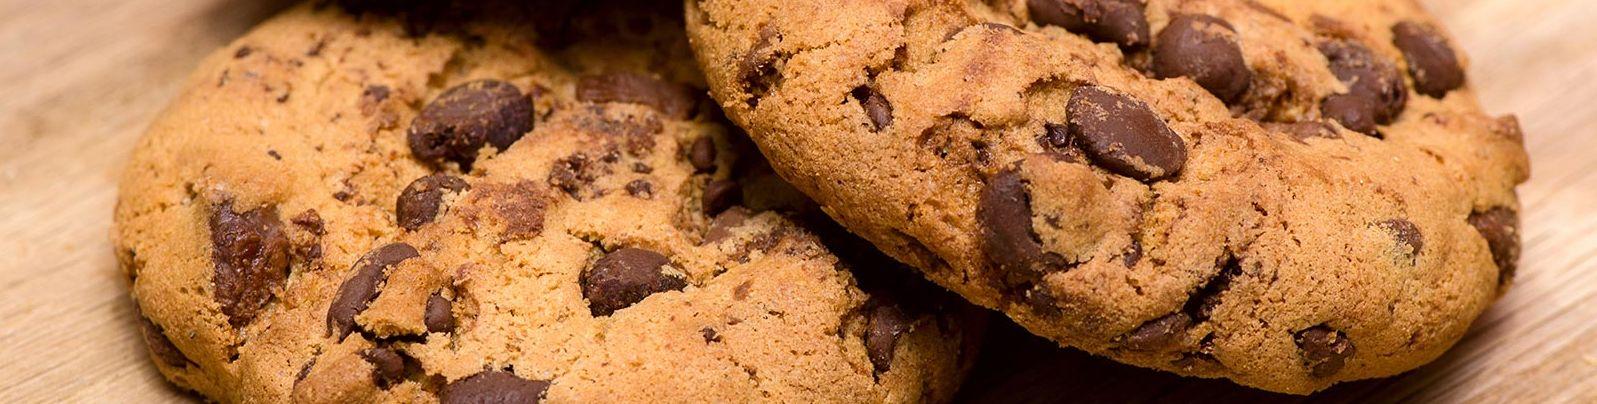 Læs mere om Trappeekspertens cookiepolitik